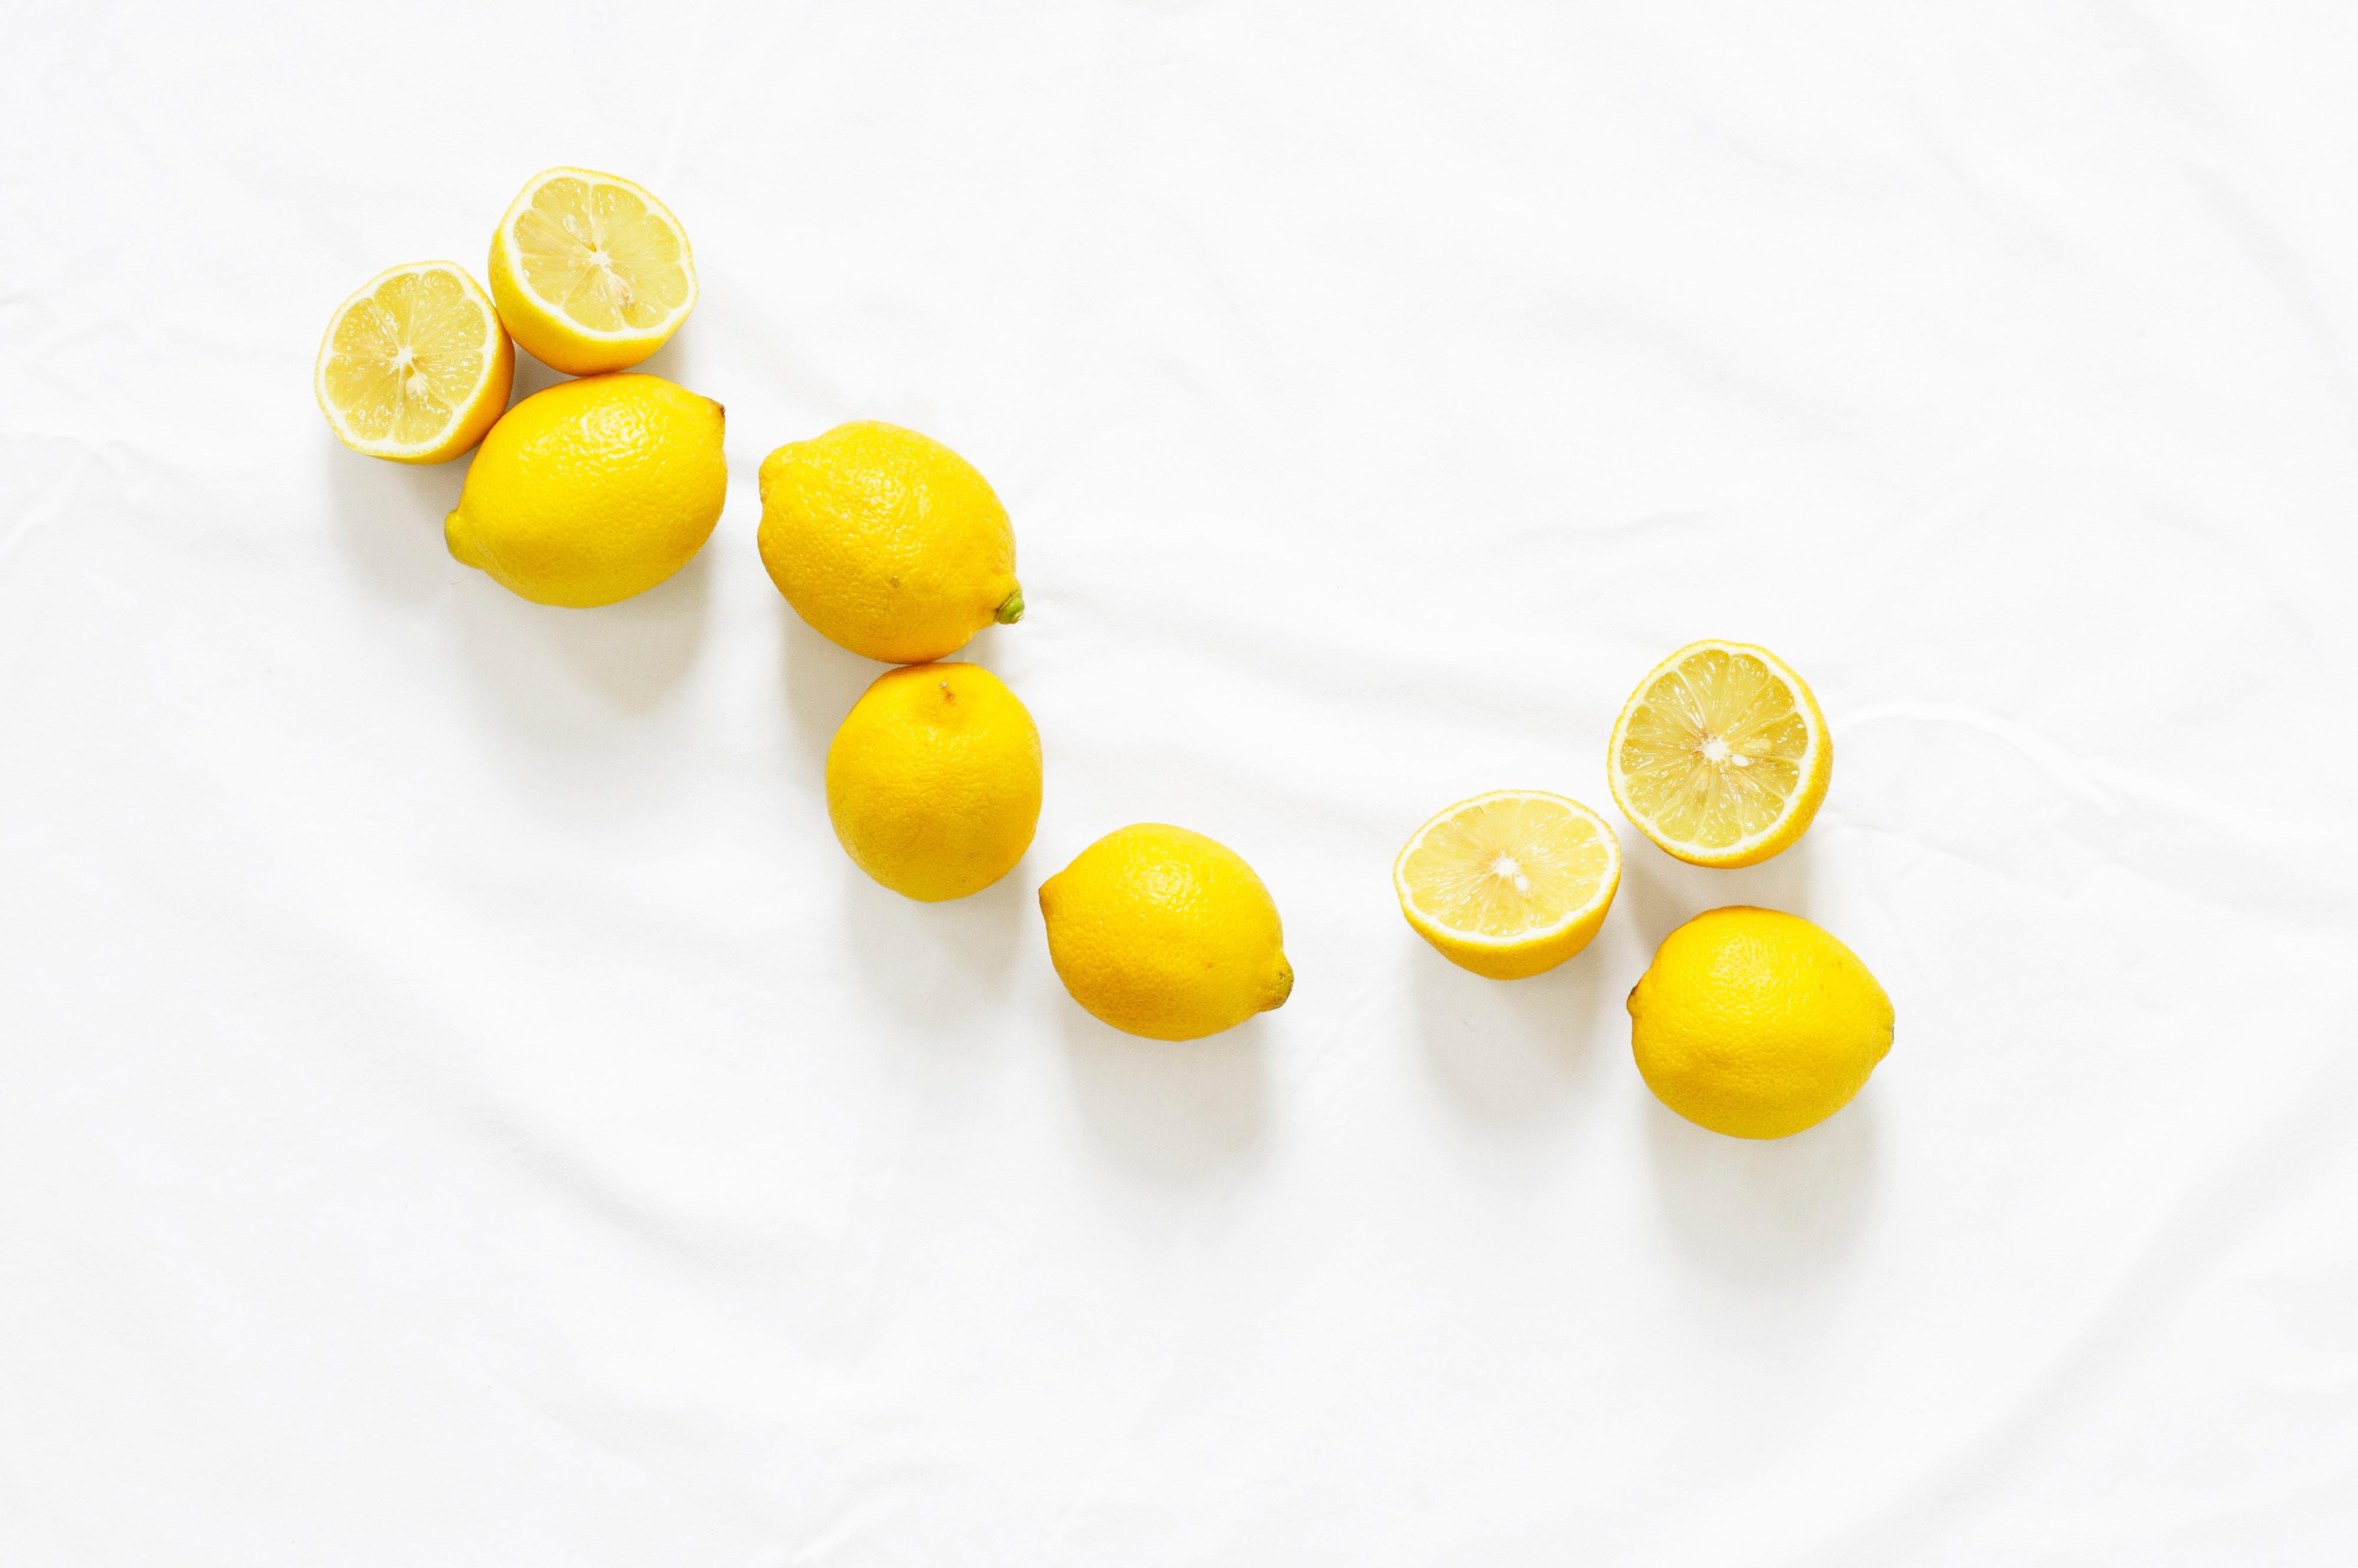 Con i limoni si possono creare ottimi detergenti naturali per le pulizie